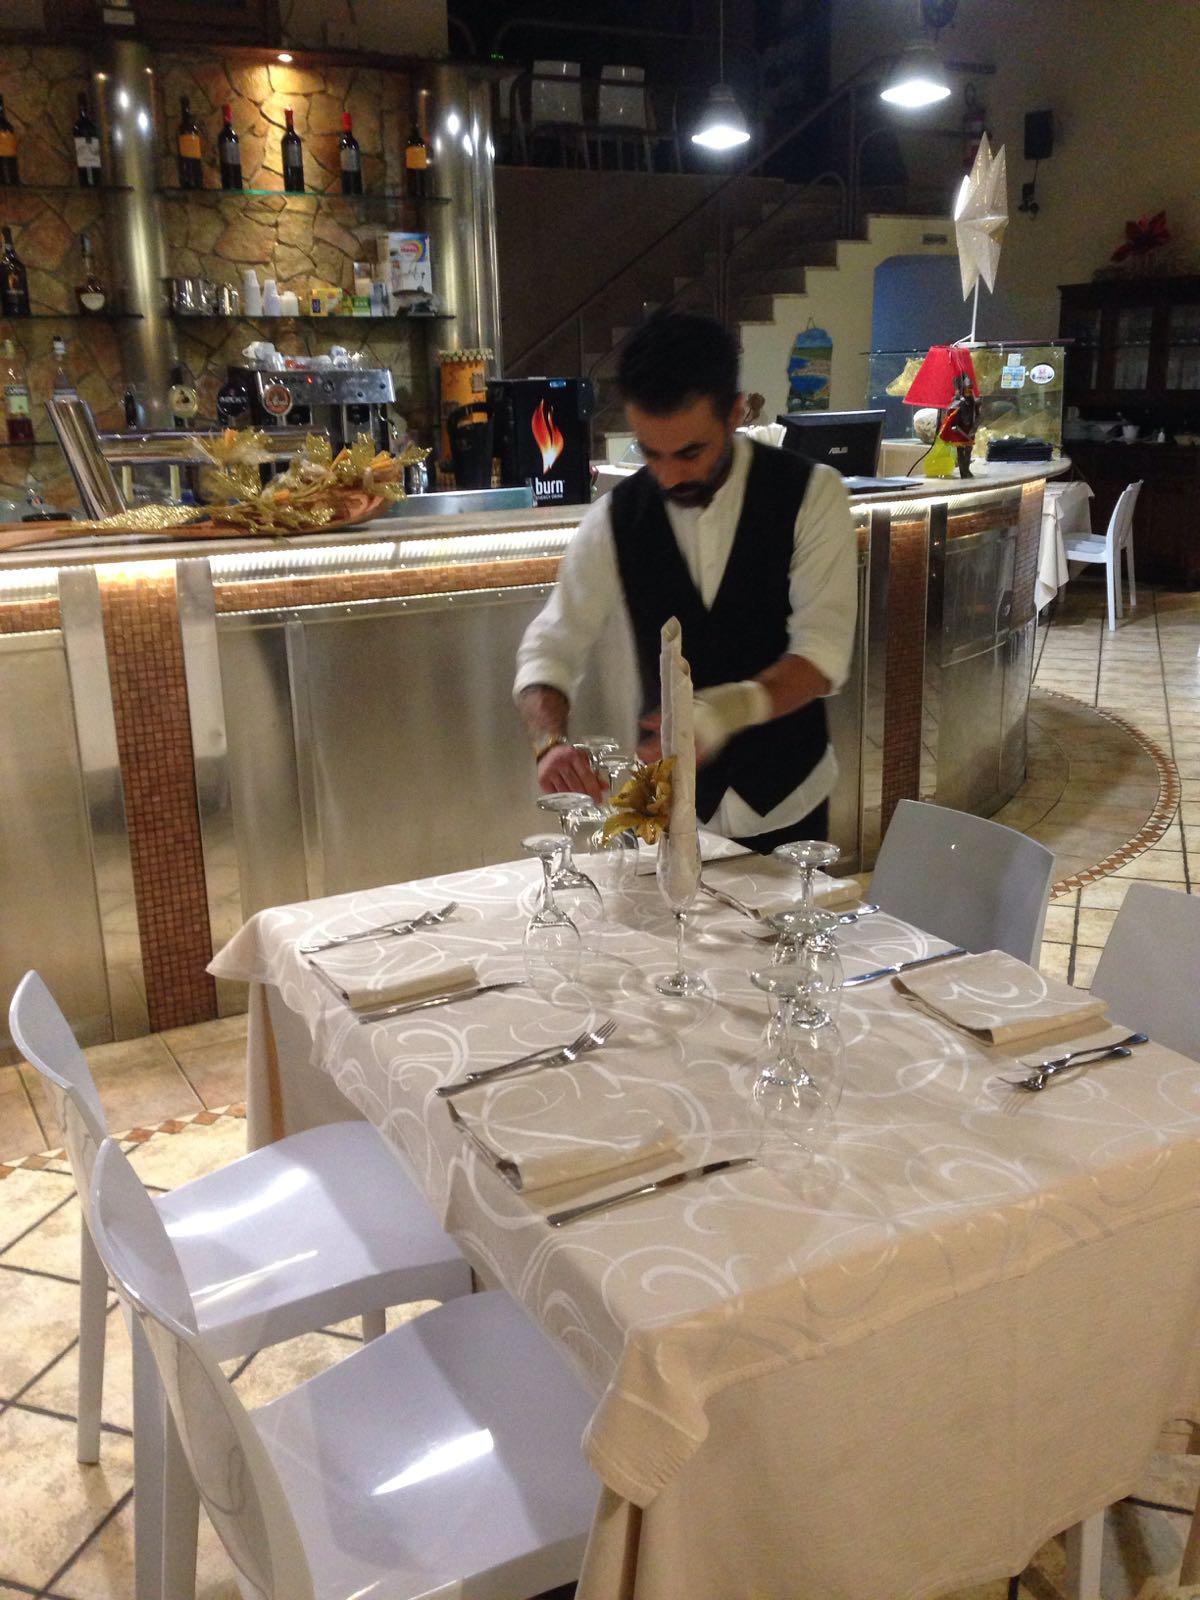 cameriere apparecchia un tavolo